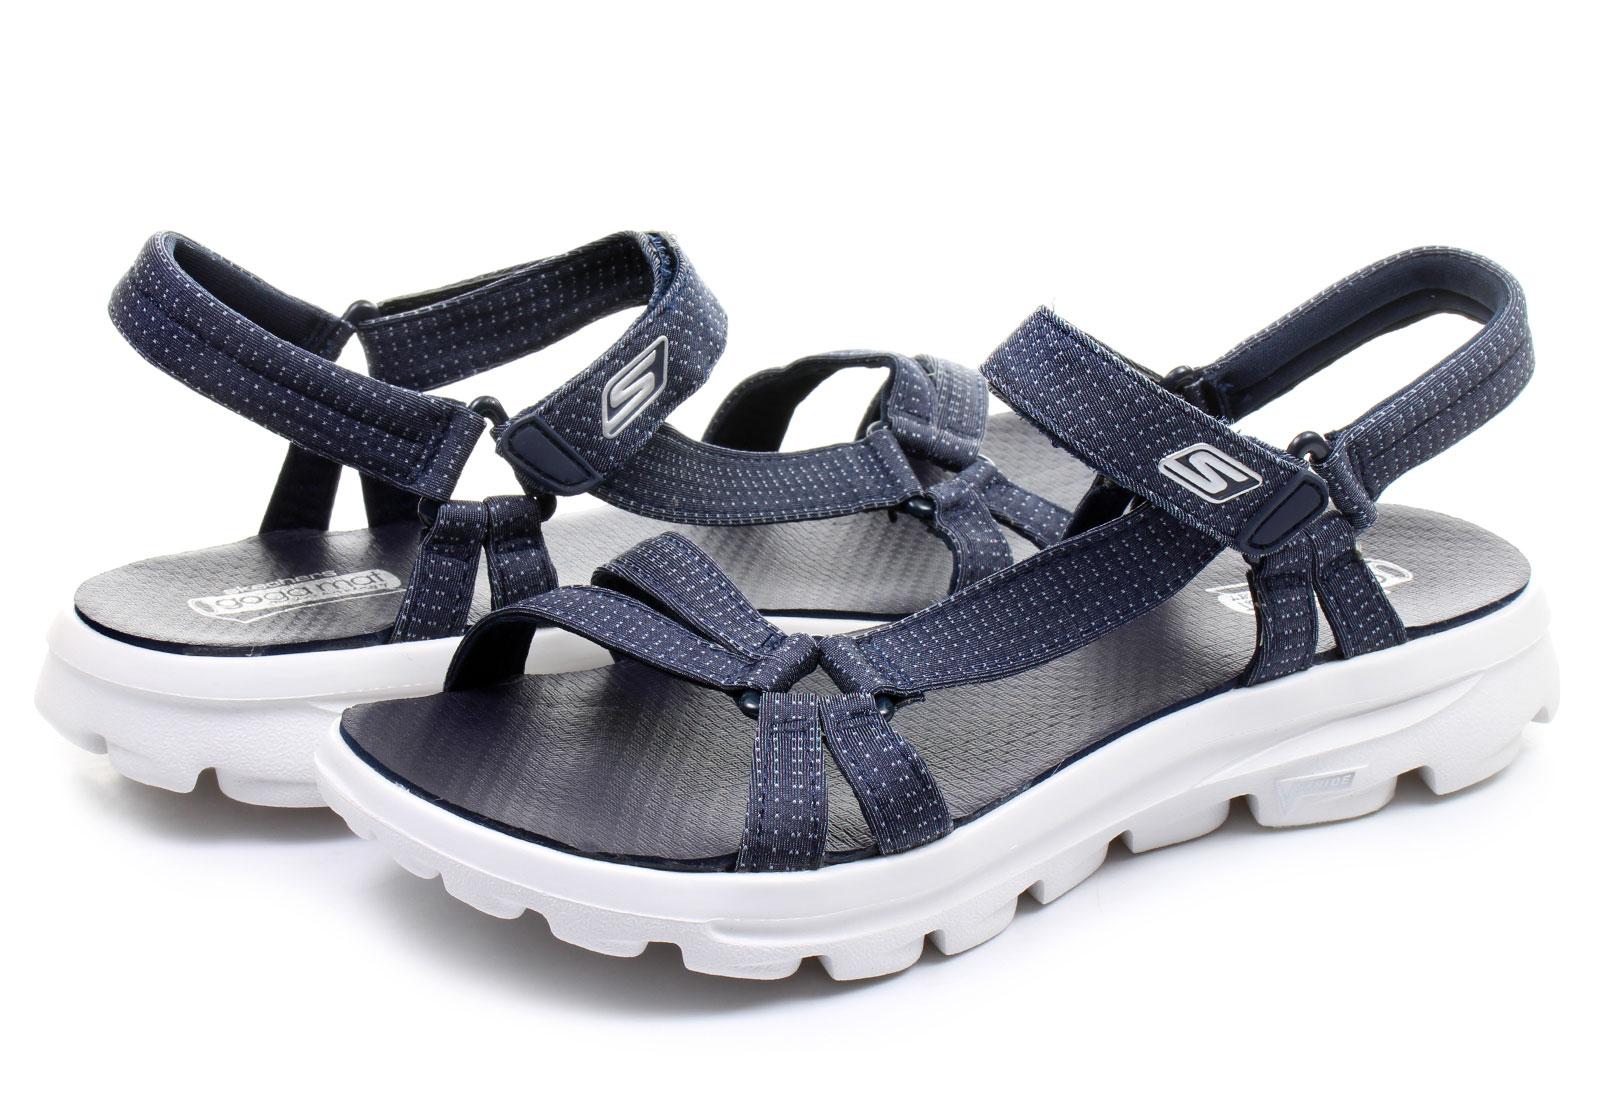 Skechers Shoes On Sale Online